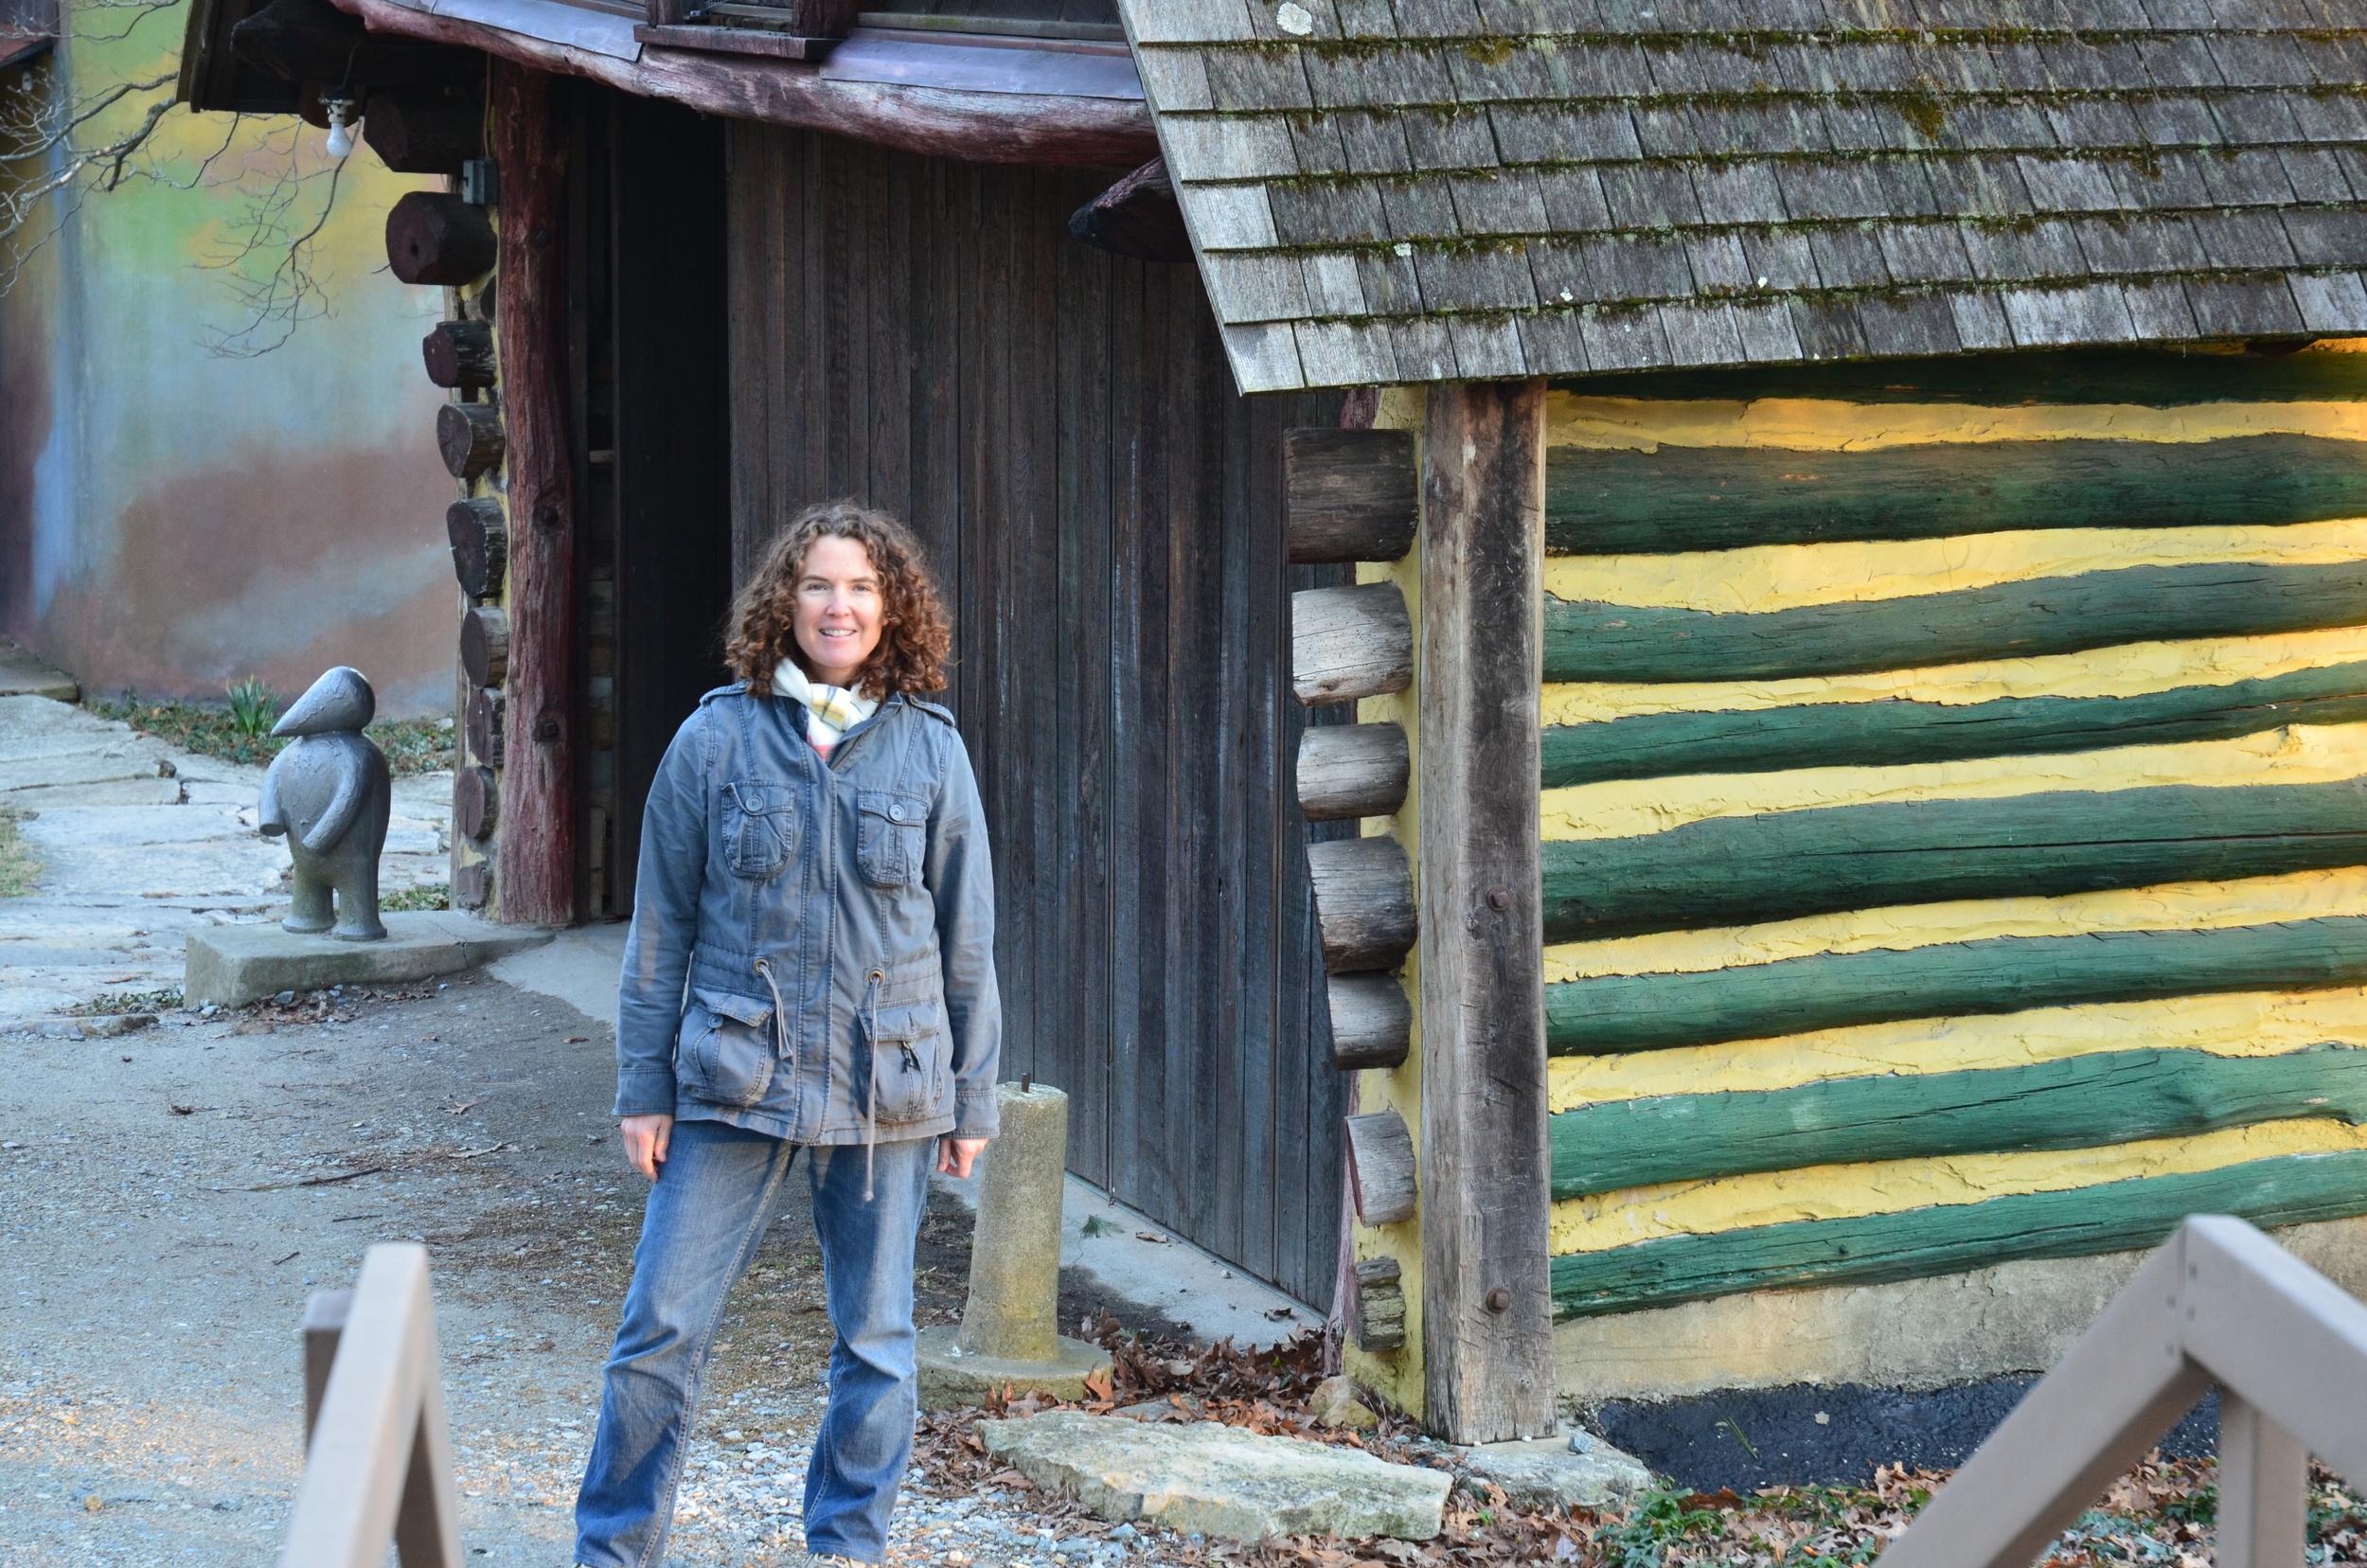 Carolyn Coal, Filmmaker